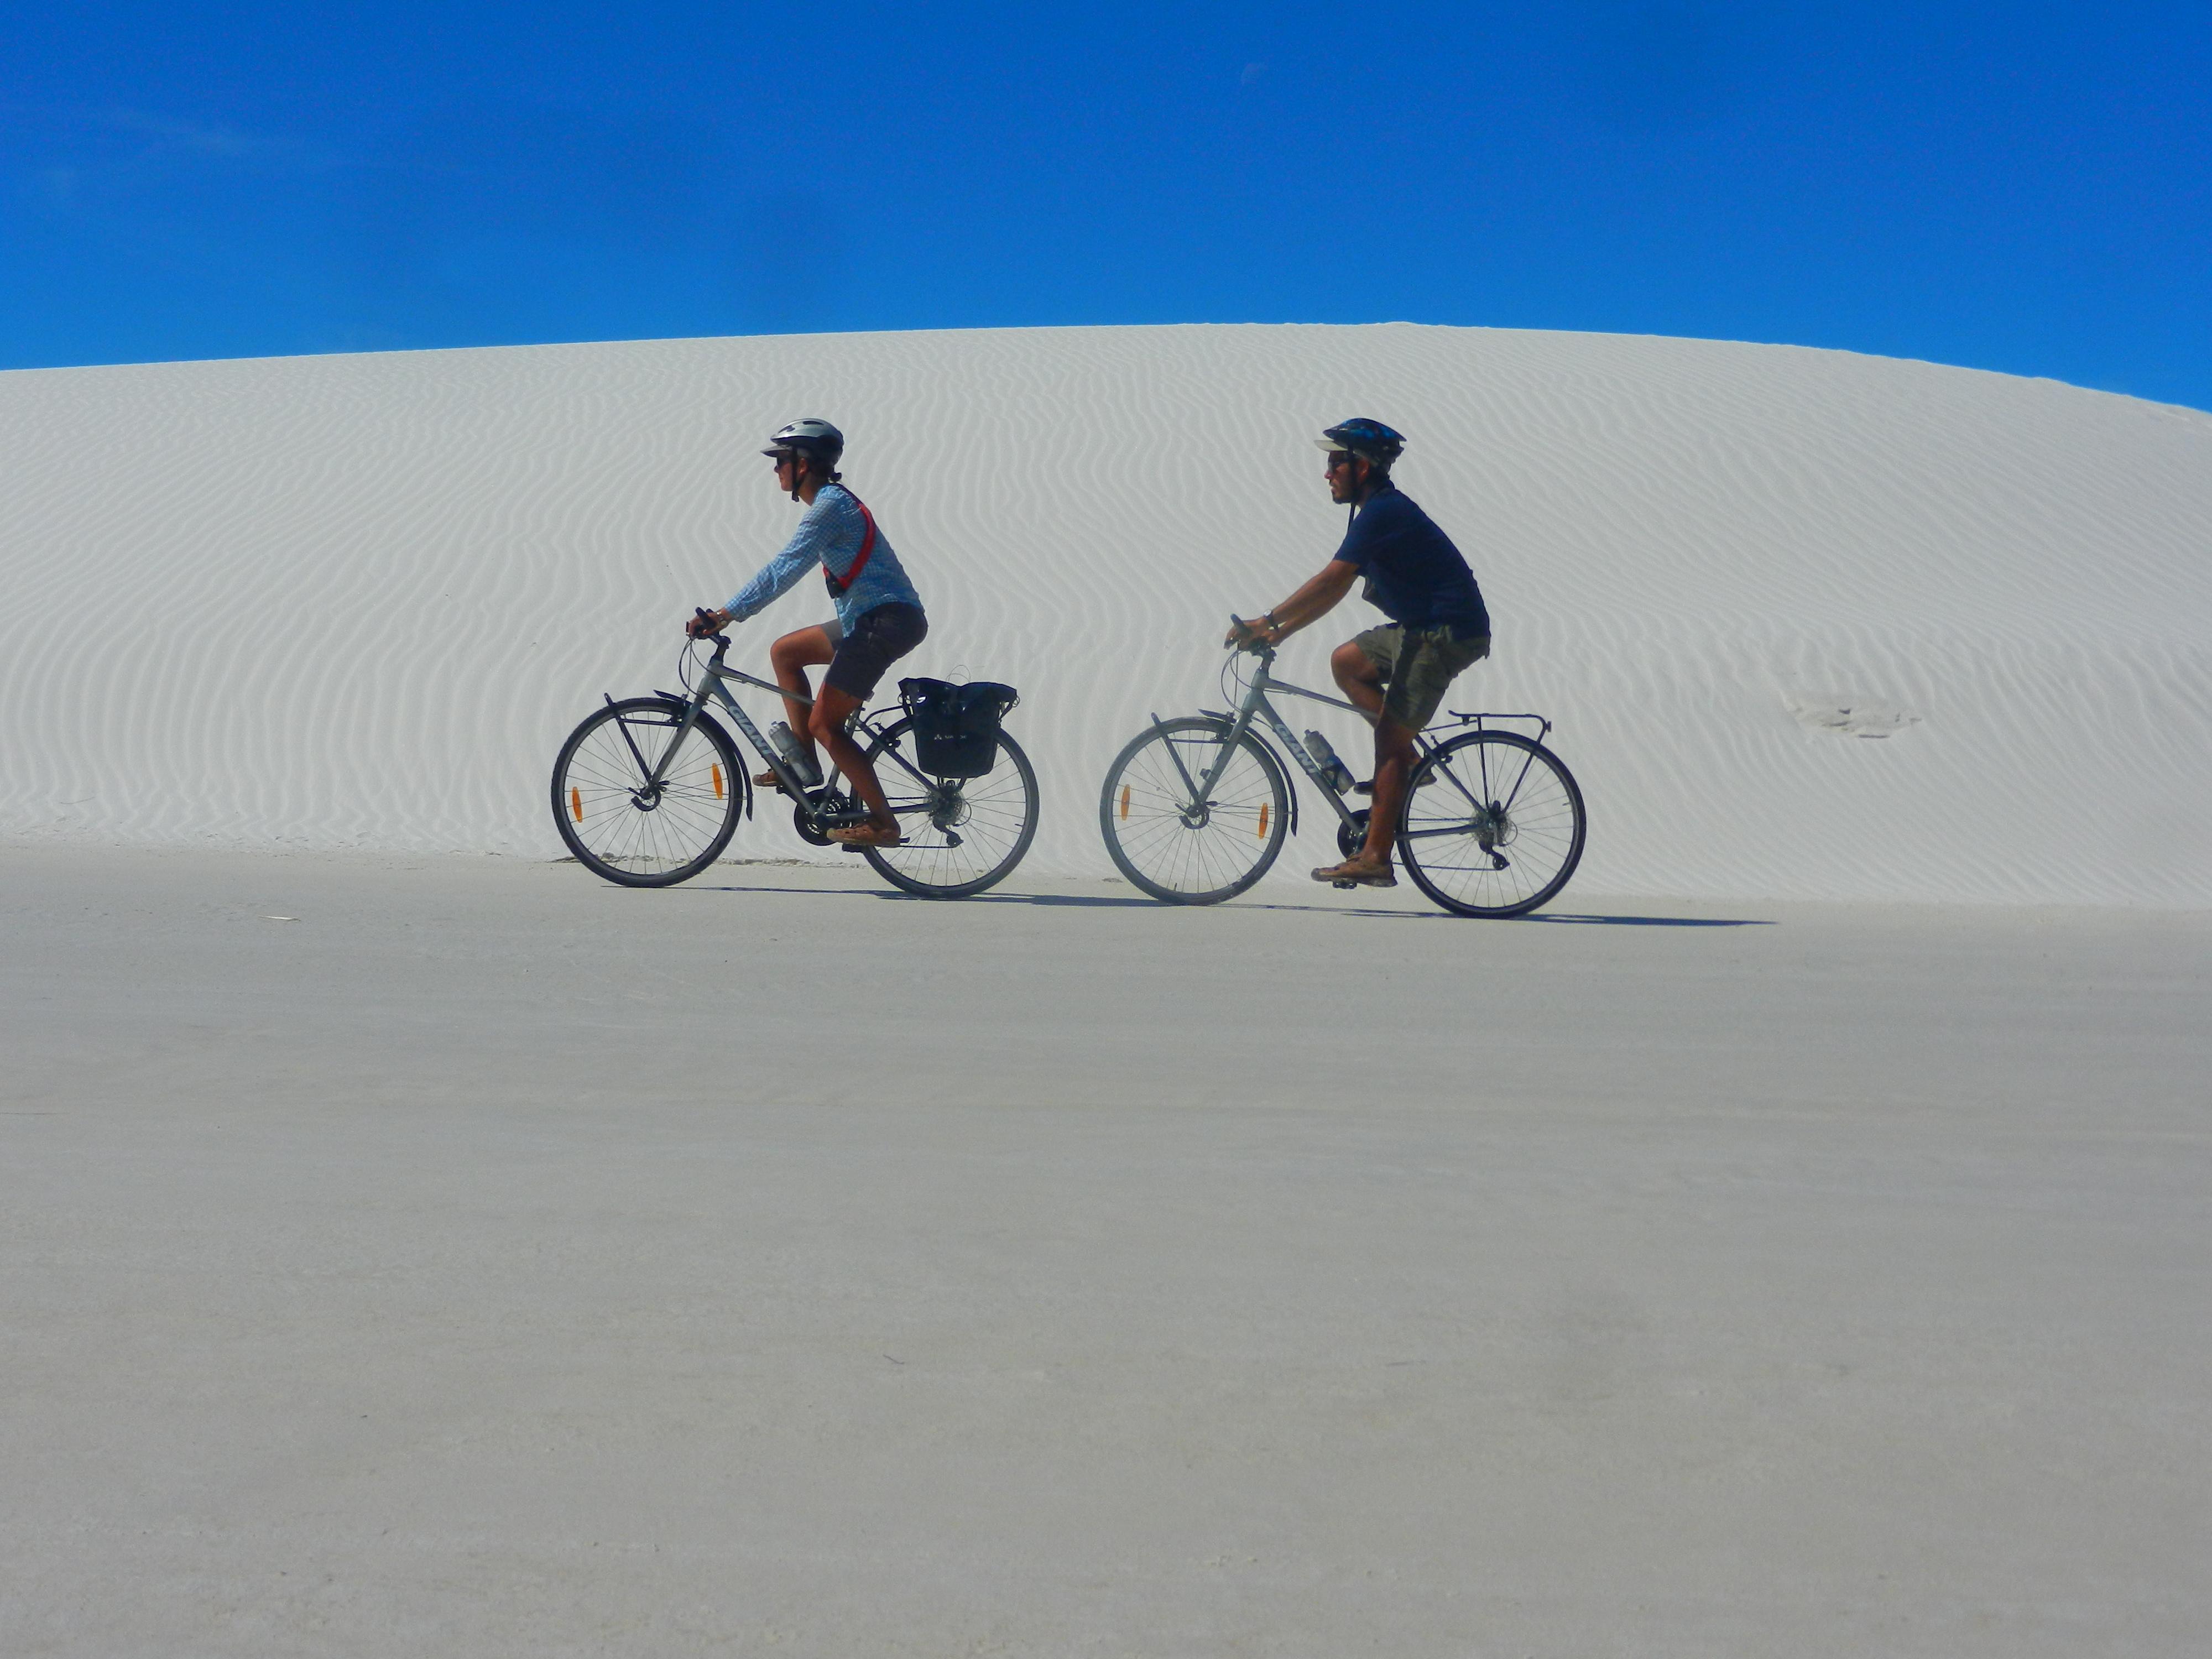 voyage à vélo en amérique du nord #2